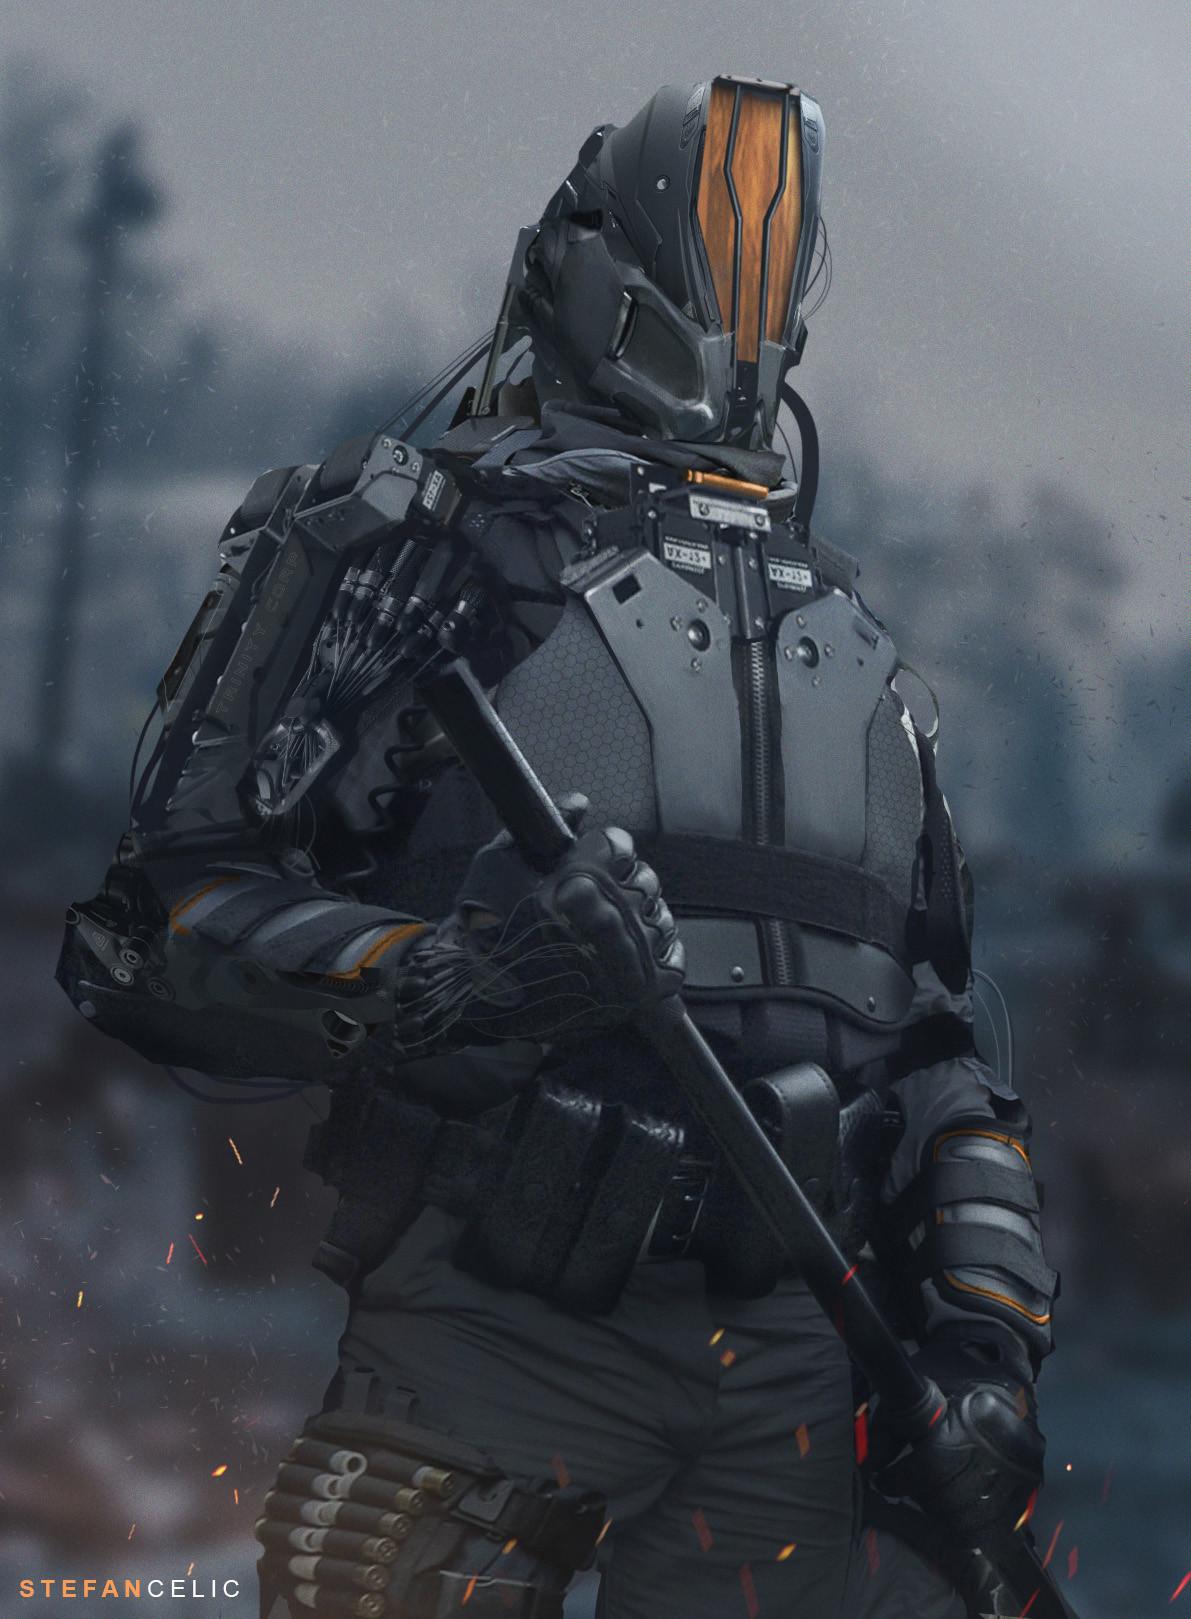 Future Sci-fi Soldier by Stefan Celic